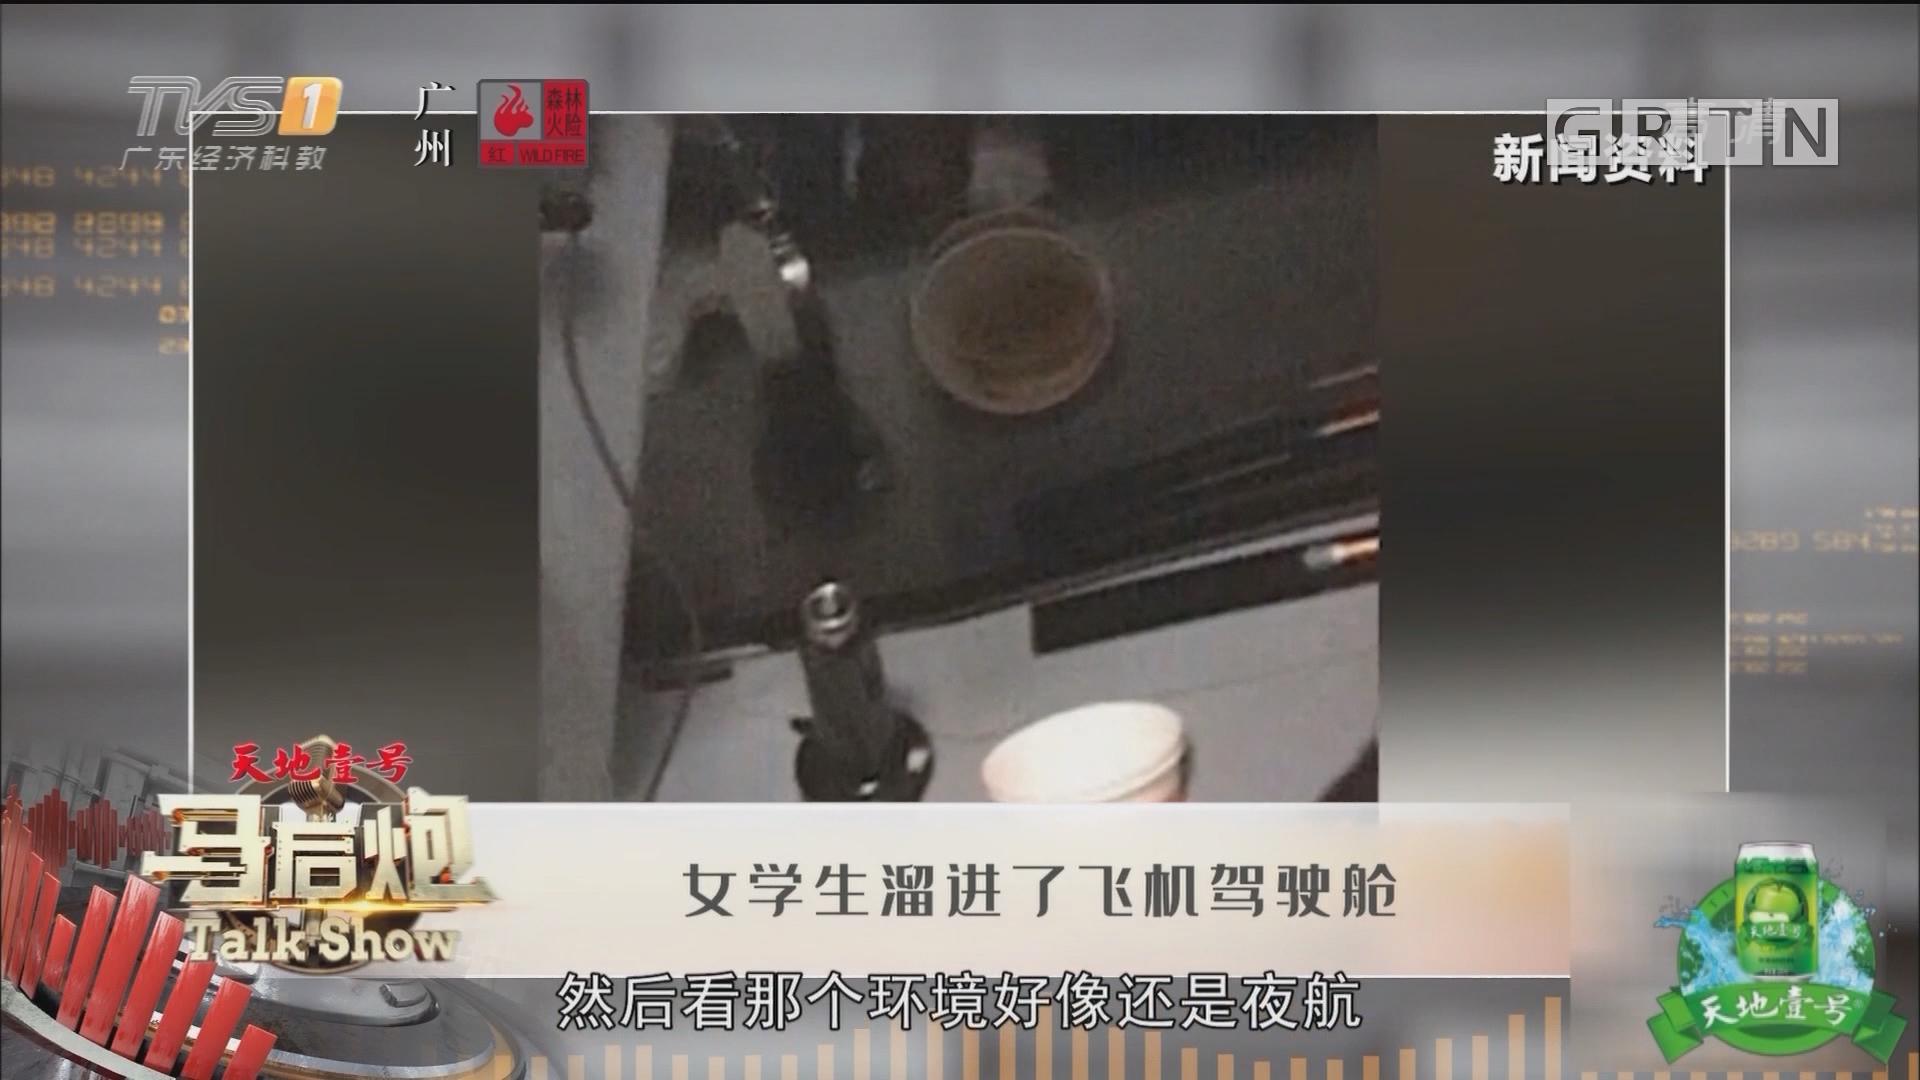 [HD][2019-11-07]馬后炮:女學生溜進了飛機駕駛艙